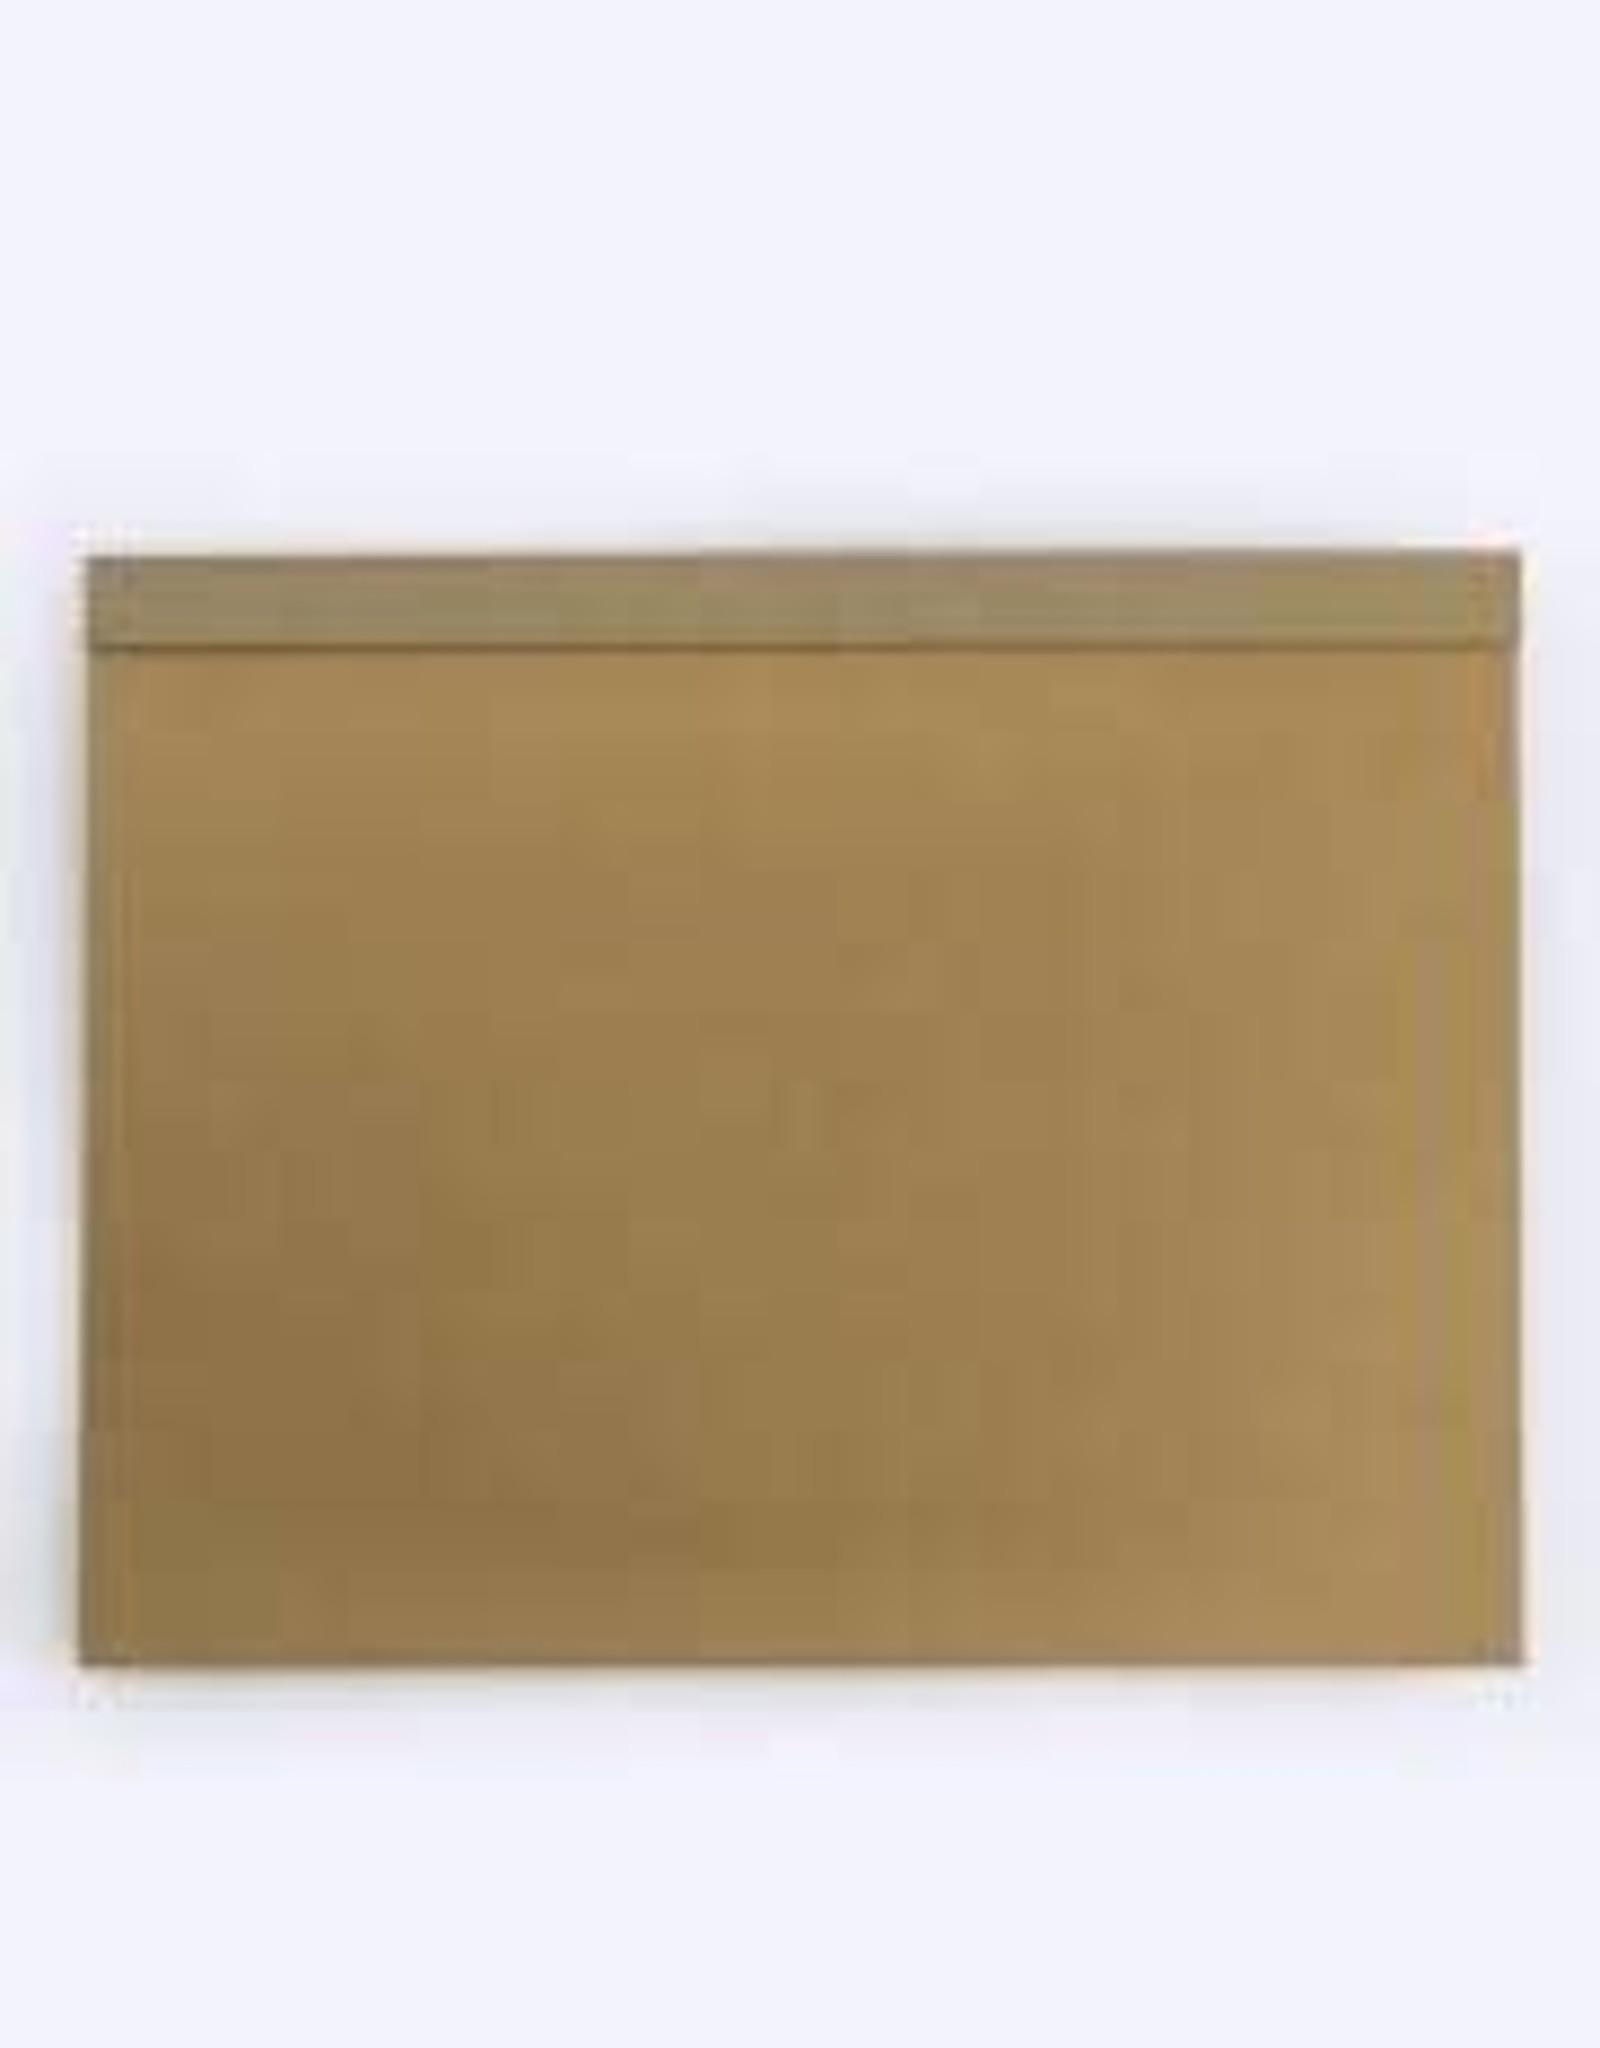 Ito Bindery Ito Bindery Drawing Pad